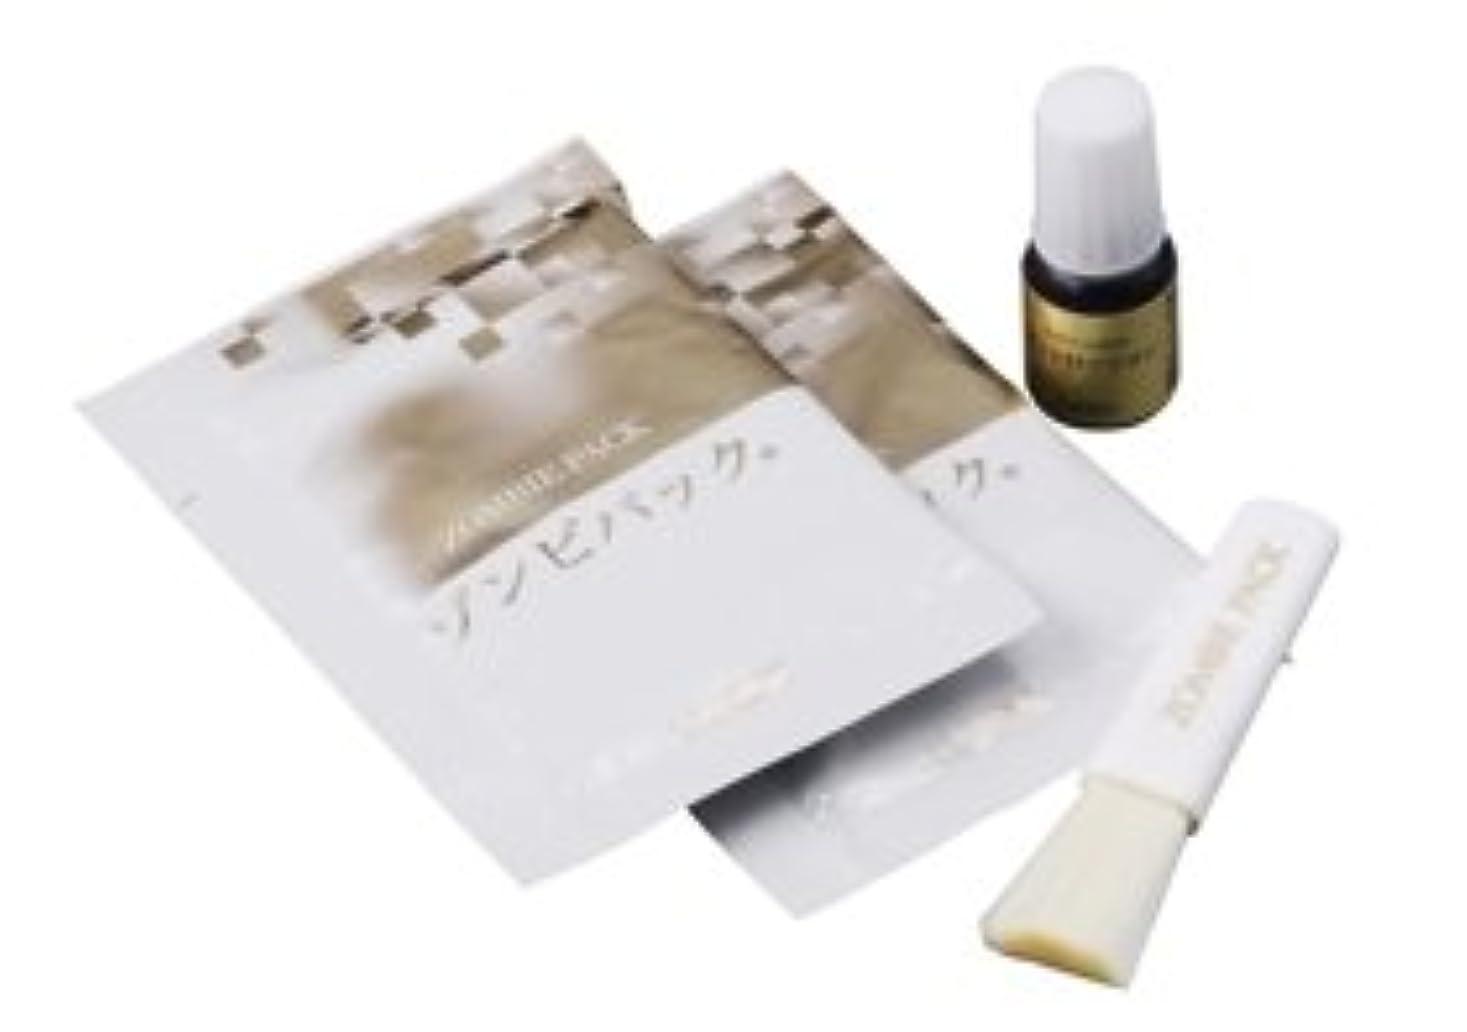 バルコニーコイン消毒するルリビオ ゾンビパックセット1296円(お試しセット2回分)